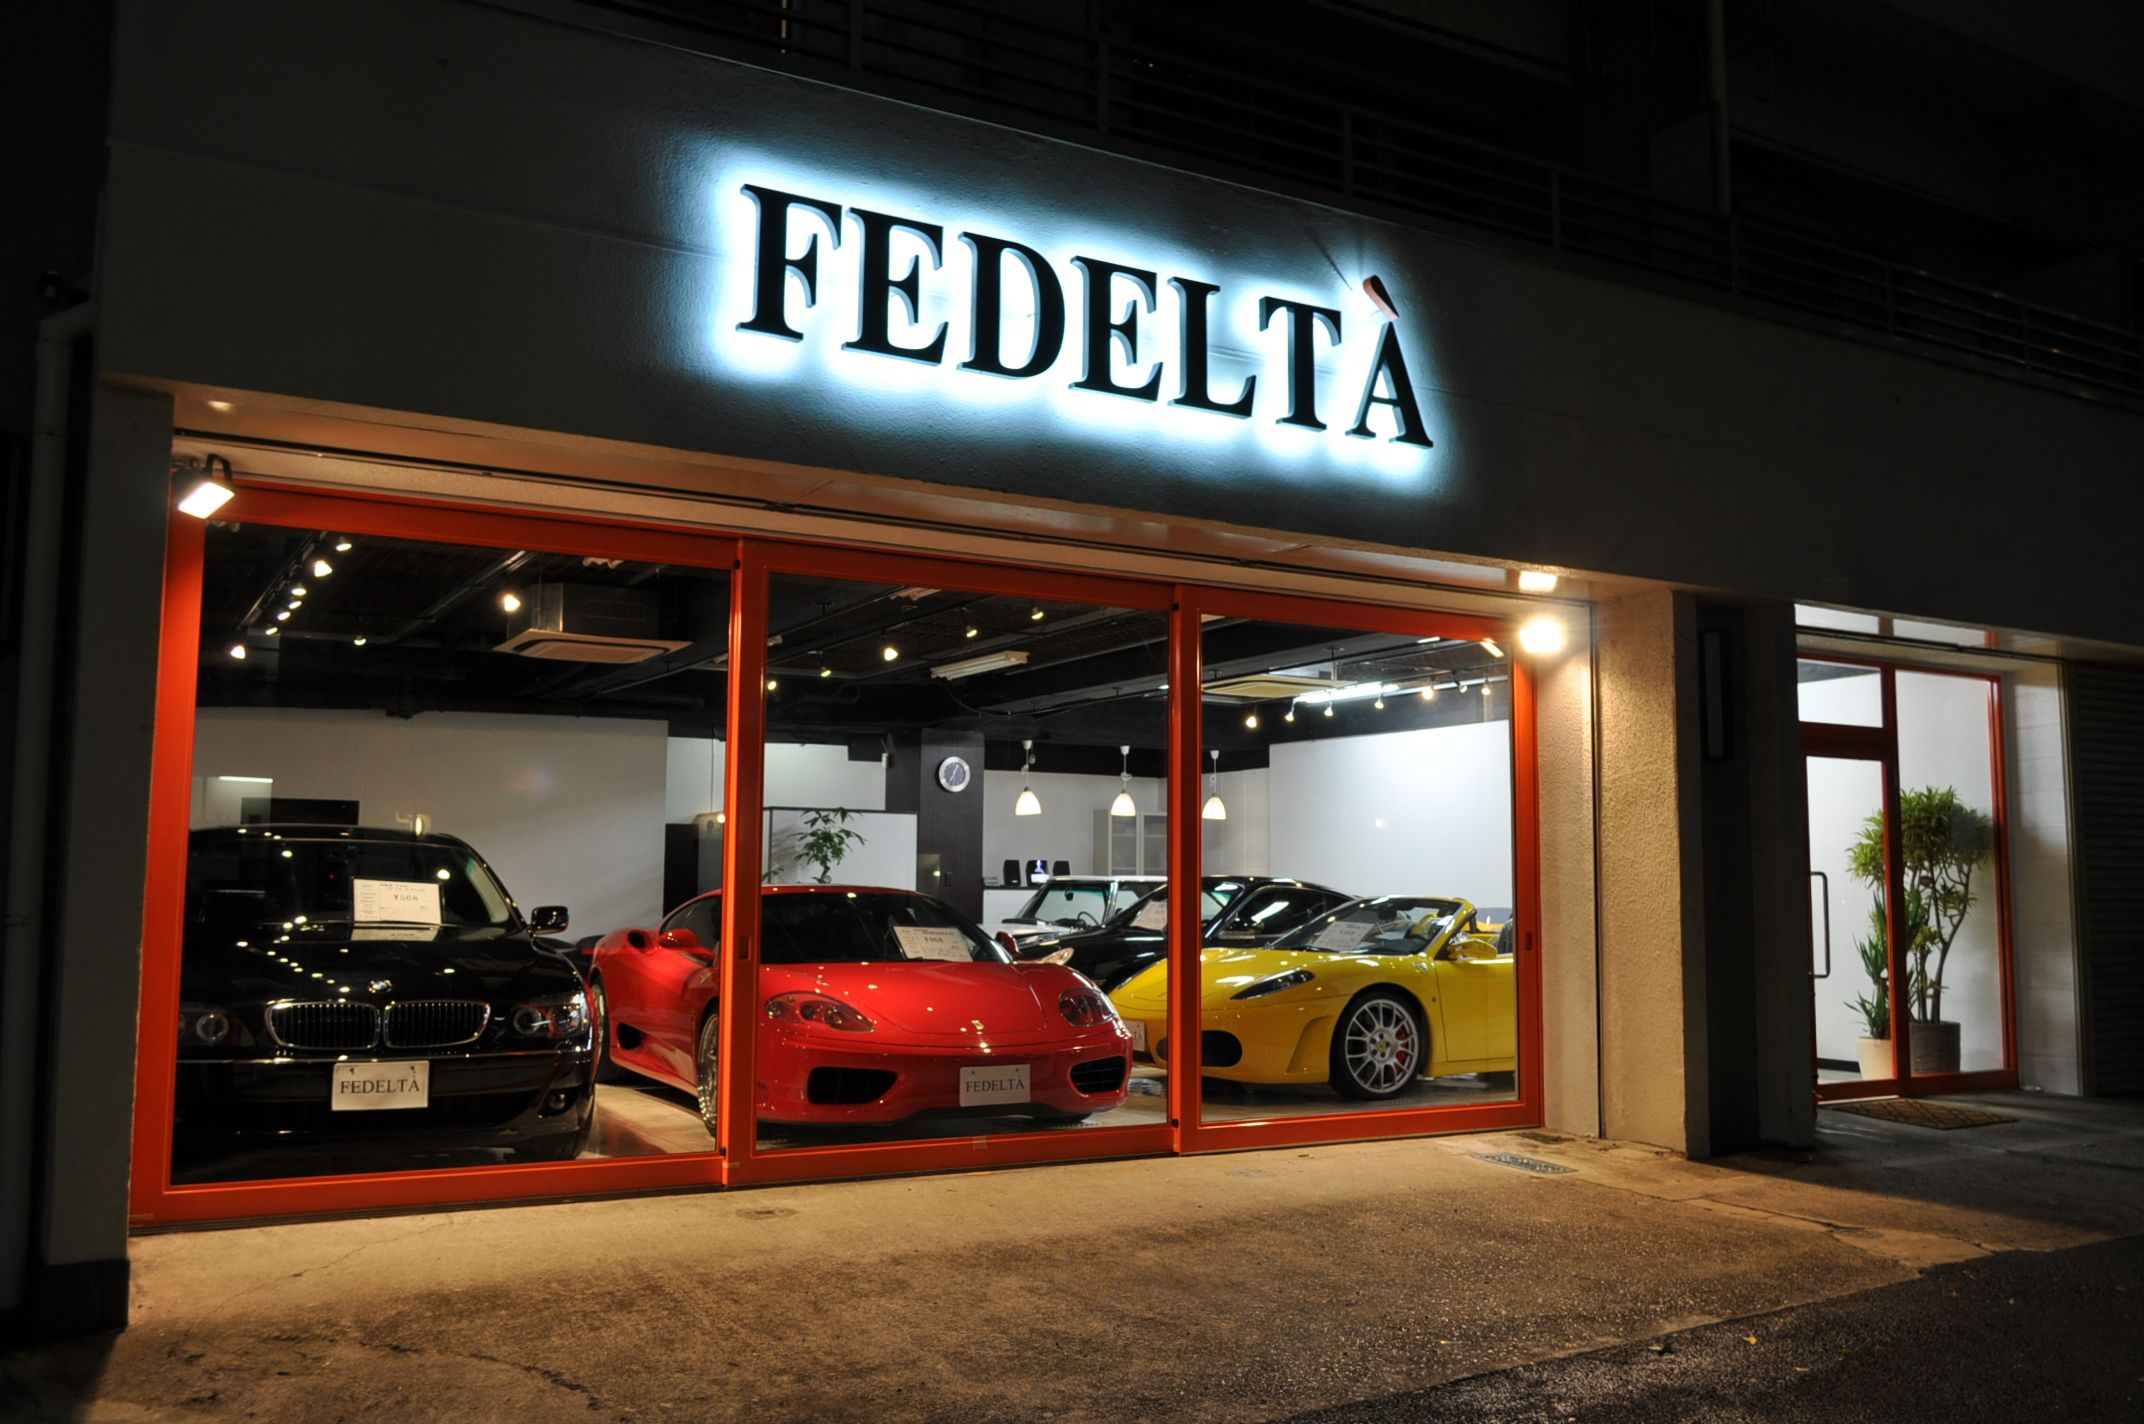 フェデルタ【FEDELTA】